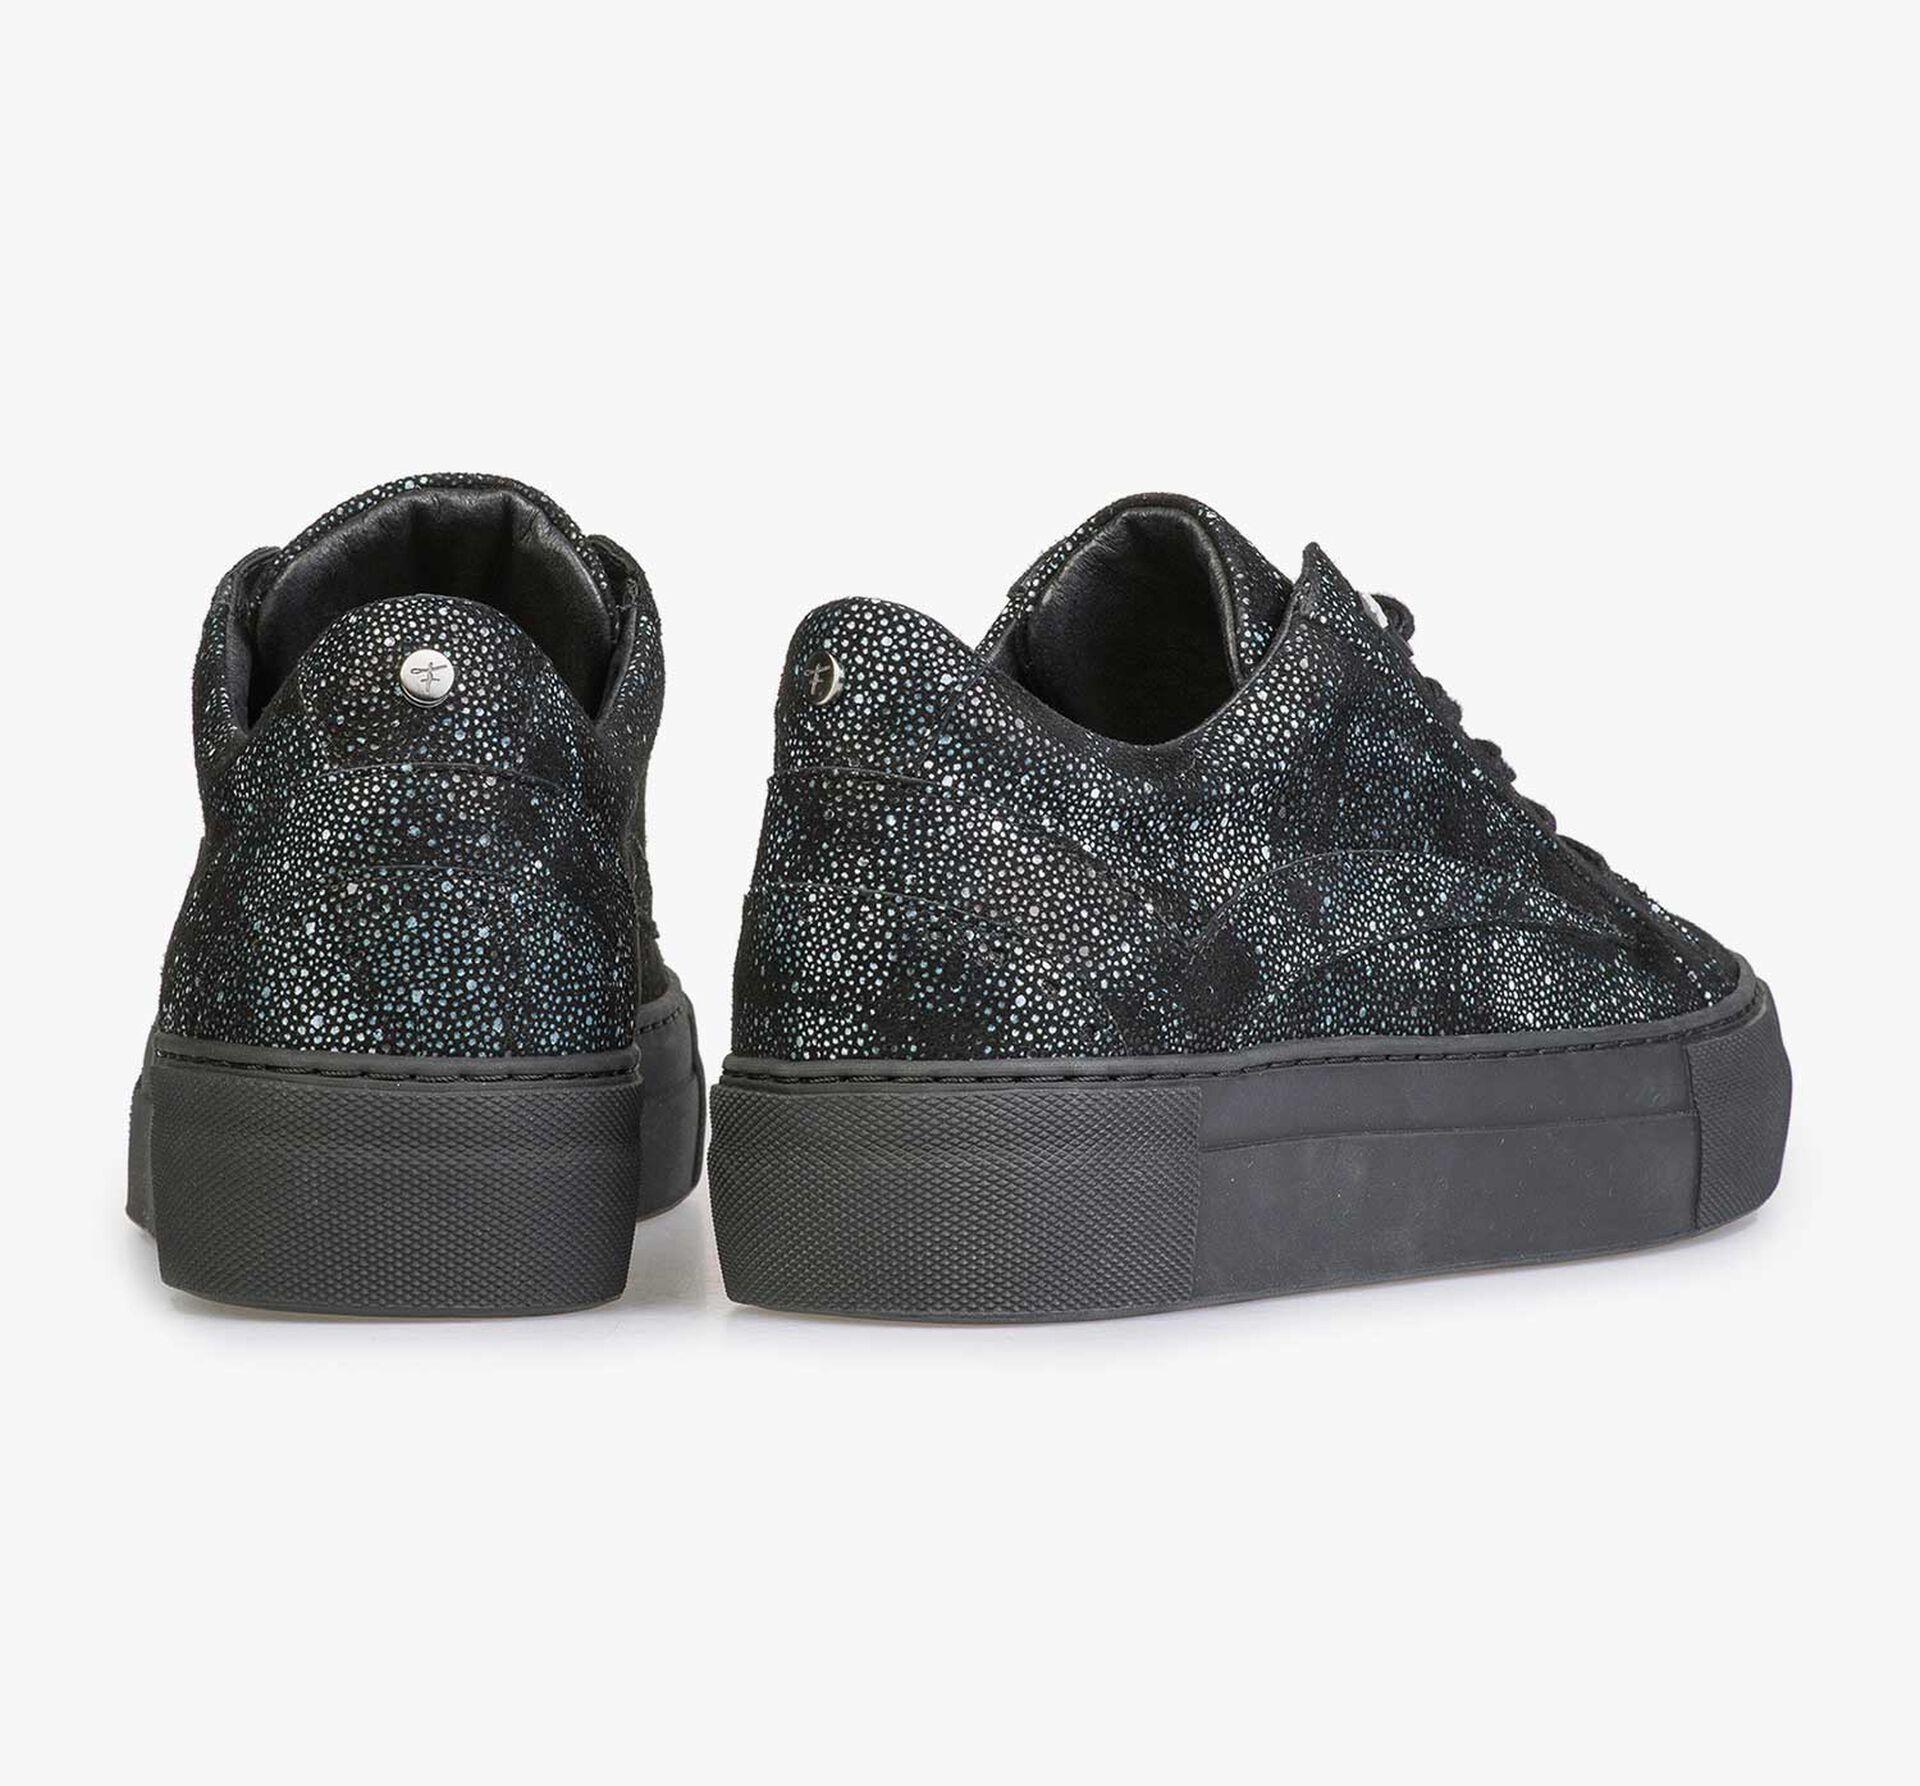 Leren sneaker met zwart/blauwe ruitenpatroon